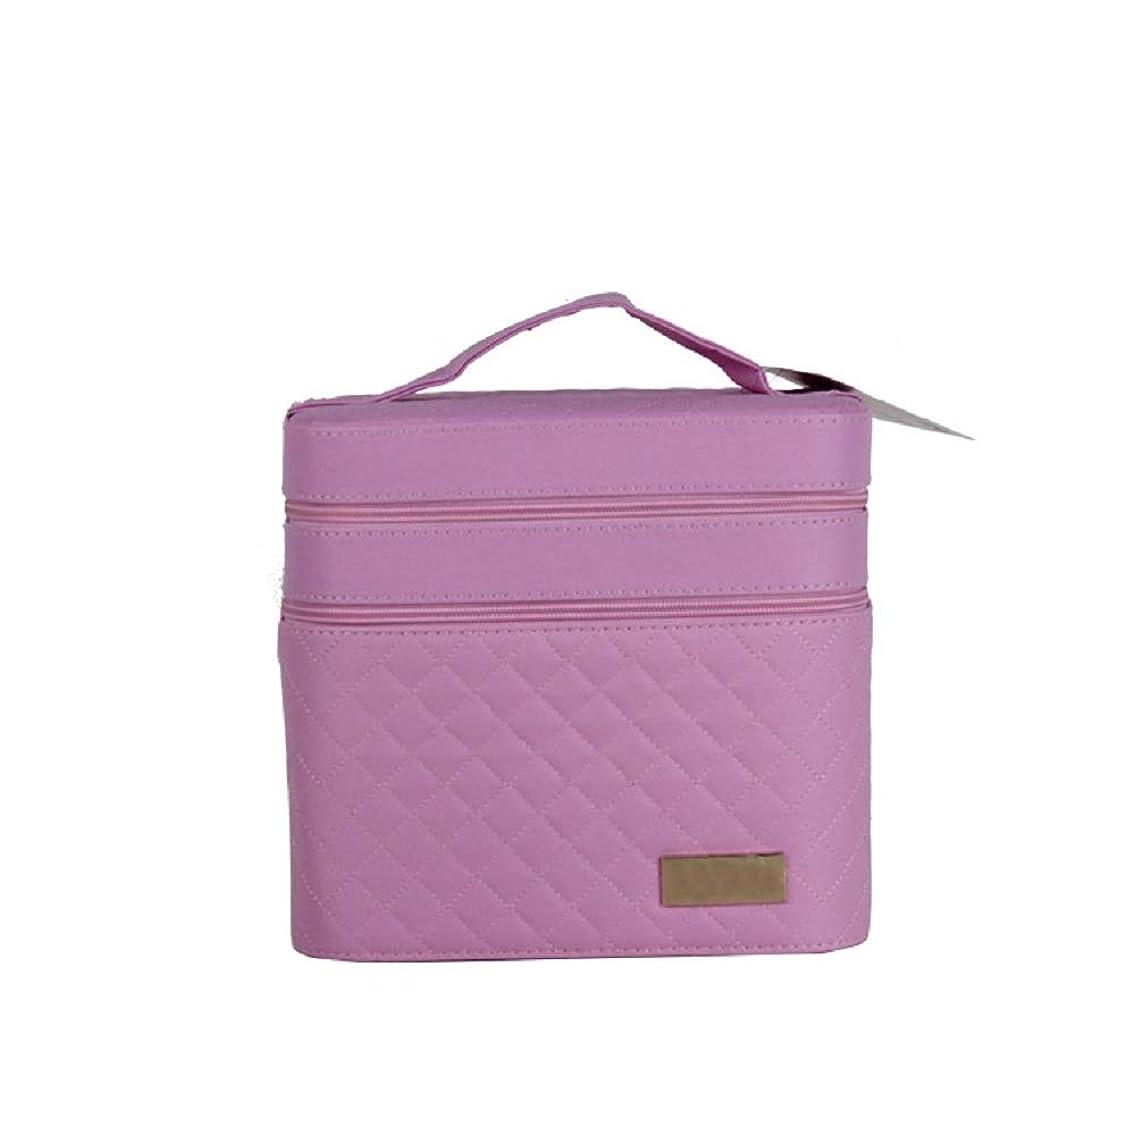 瞬時に協力する塩辛い化粧オーガナイザーバッグ ジッパーと化粧鏡で小さなものの種類の旅行のための美容メイクアップのためのピンクのポータブル化粧品バッグ 化粧品ケース